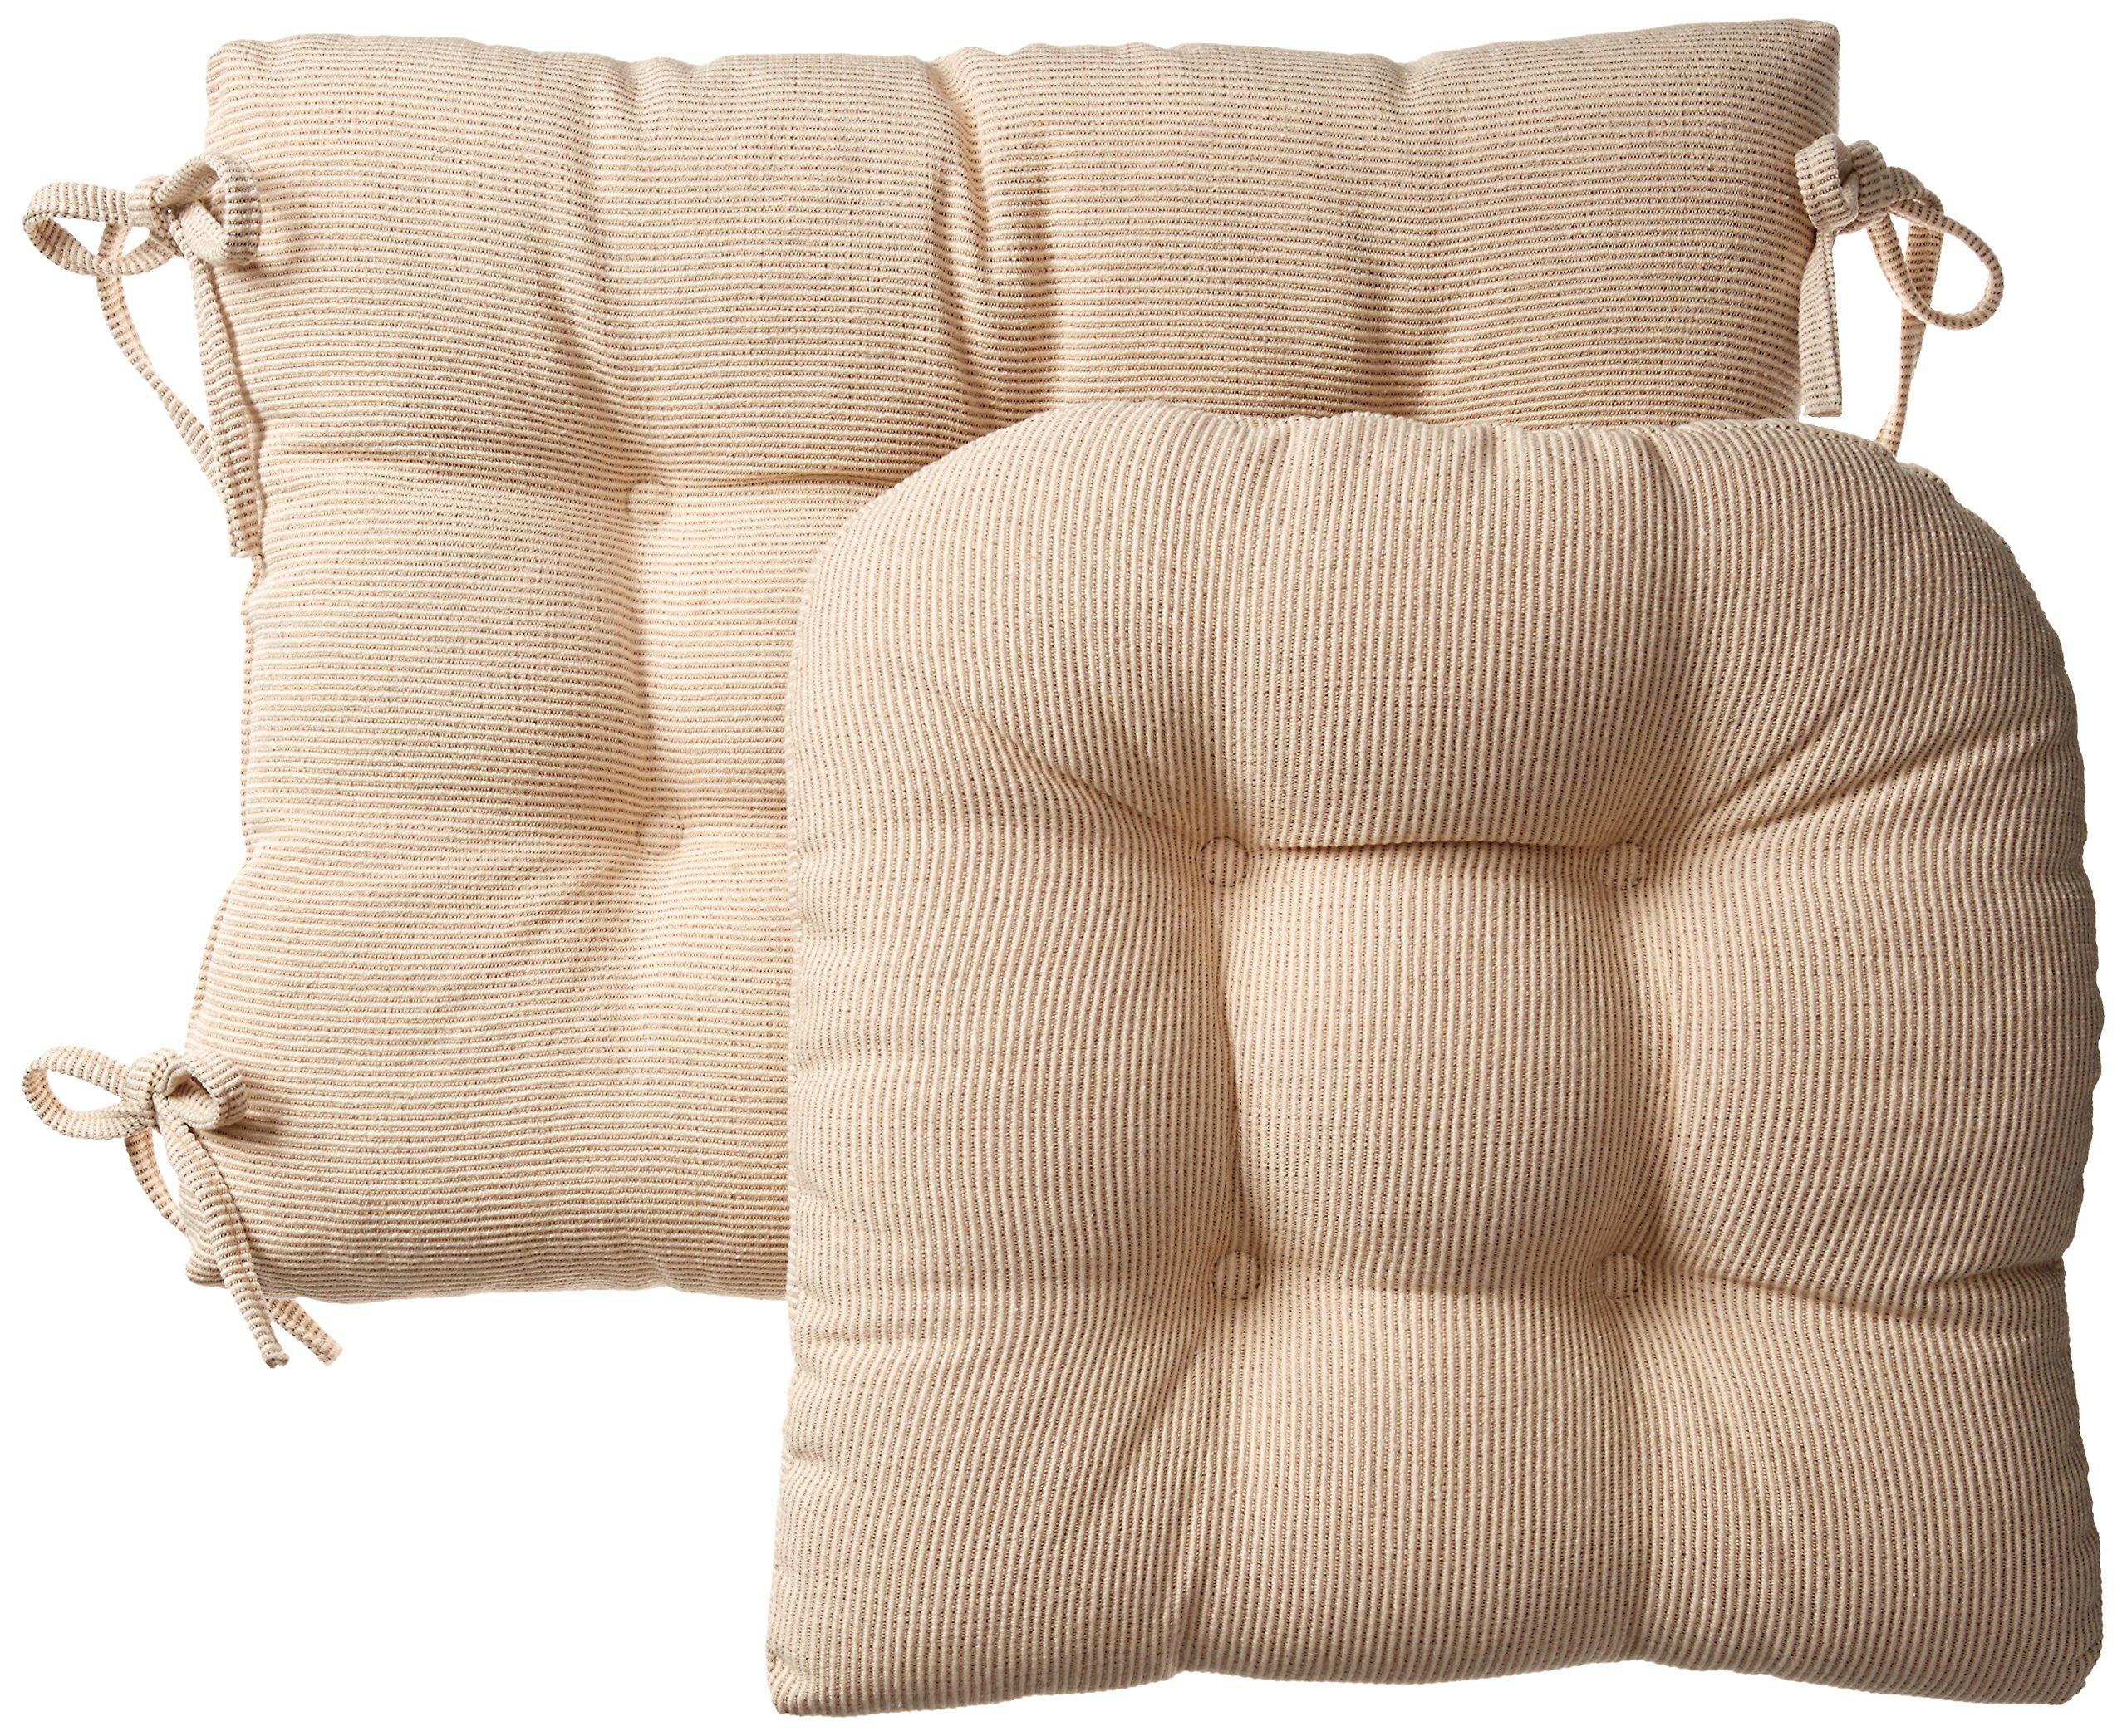 Klear Vu Gripper Jumbo Saturn Rocking Chair Cushion Set, Natural by Klear Vu